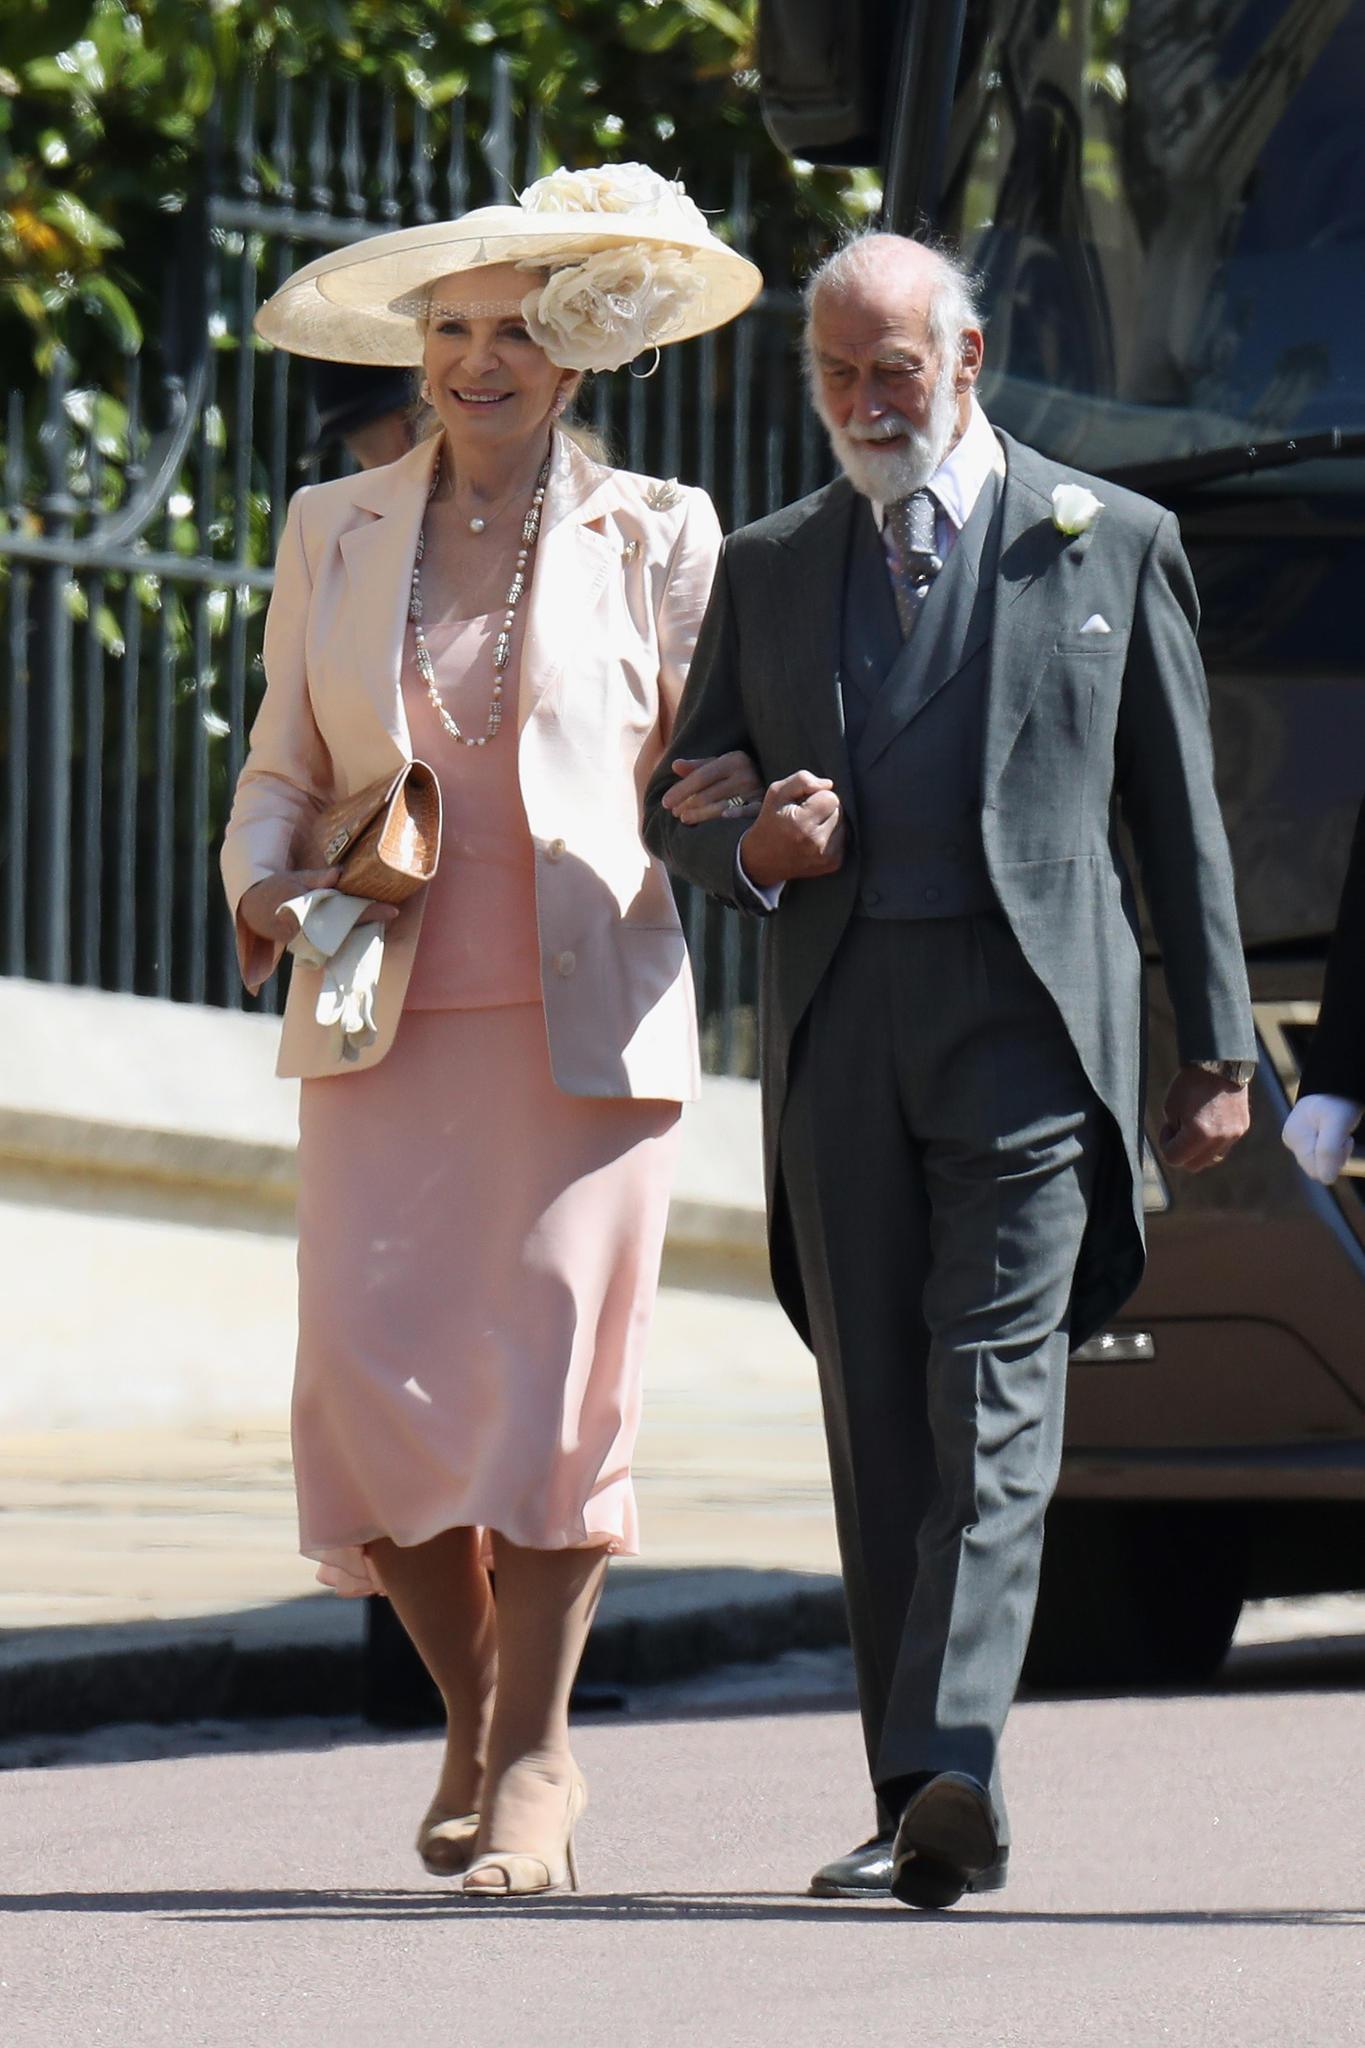 Das Prinzenpaar von Kent:Dass sie in der Presse mit Marie Antoinette verglichen wurde, stört Prinzessin Michael von Kent wenig. Ihren Namen hat sie nach alter Tradition von ihrem Mann Prinz Michael, 76, einem Cousin der Queen, übernommen. Das Paar bewohnt eine große Zimmerflucht gegenübervon Meghan und Harry.